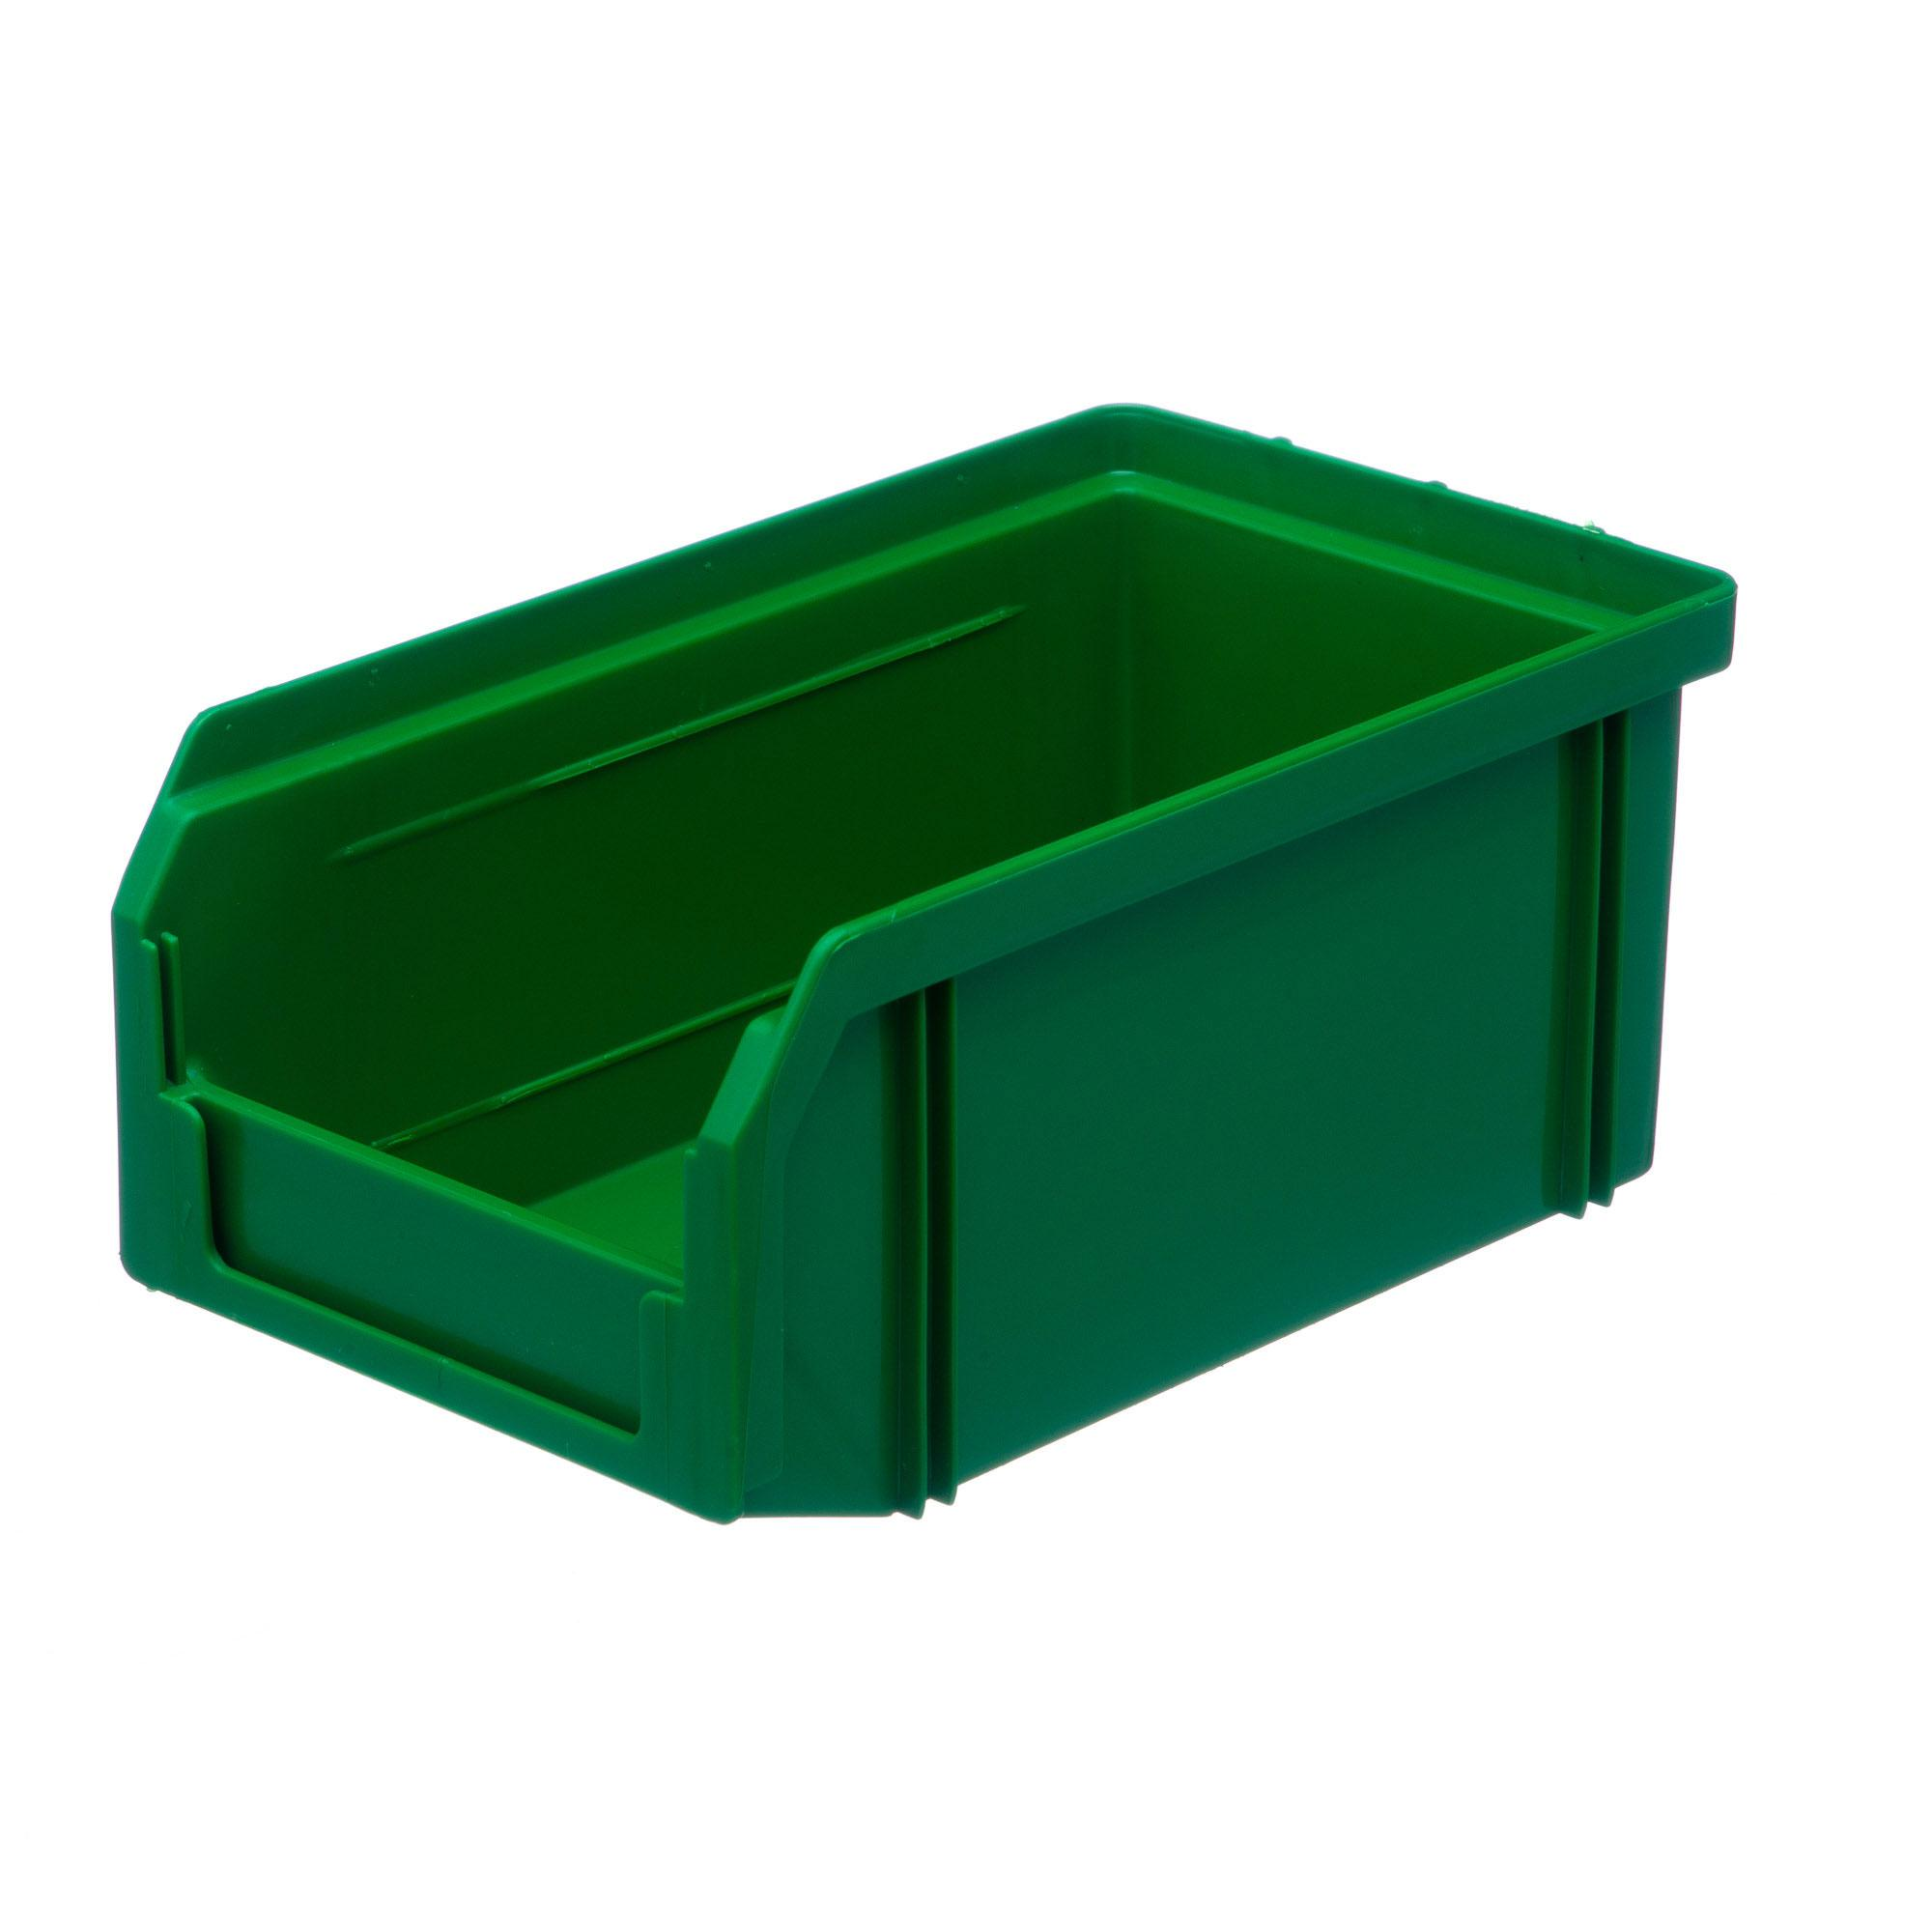 Ящик Стелла V-1 зеленый